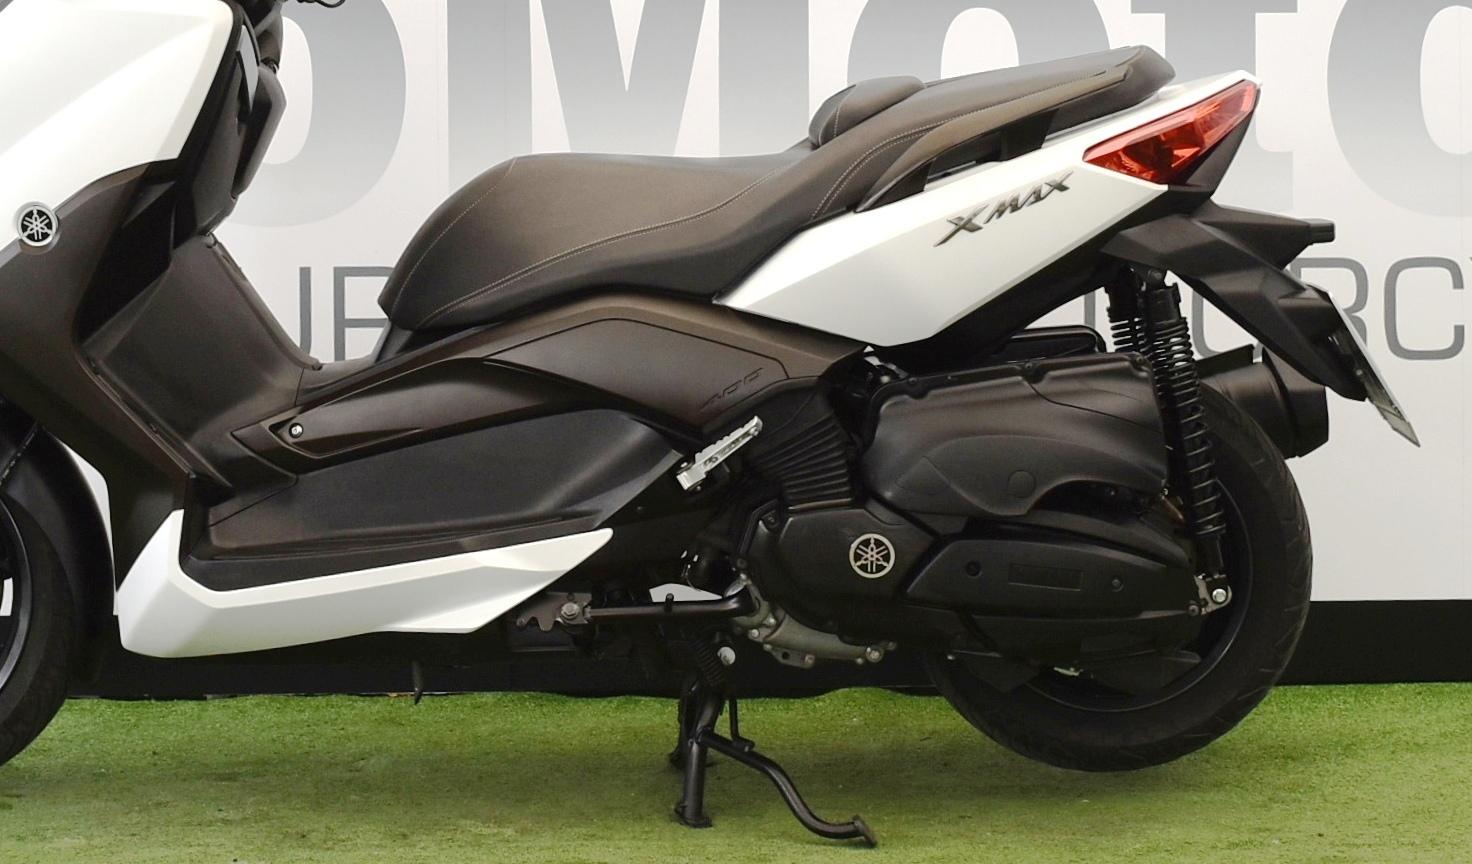 YAMAHA X MAX 400 – 2014